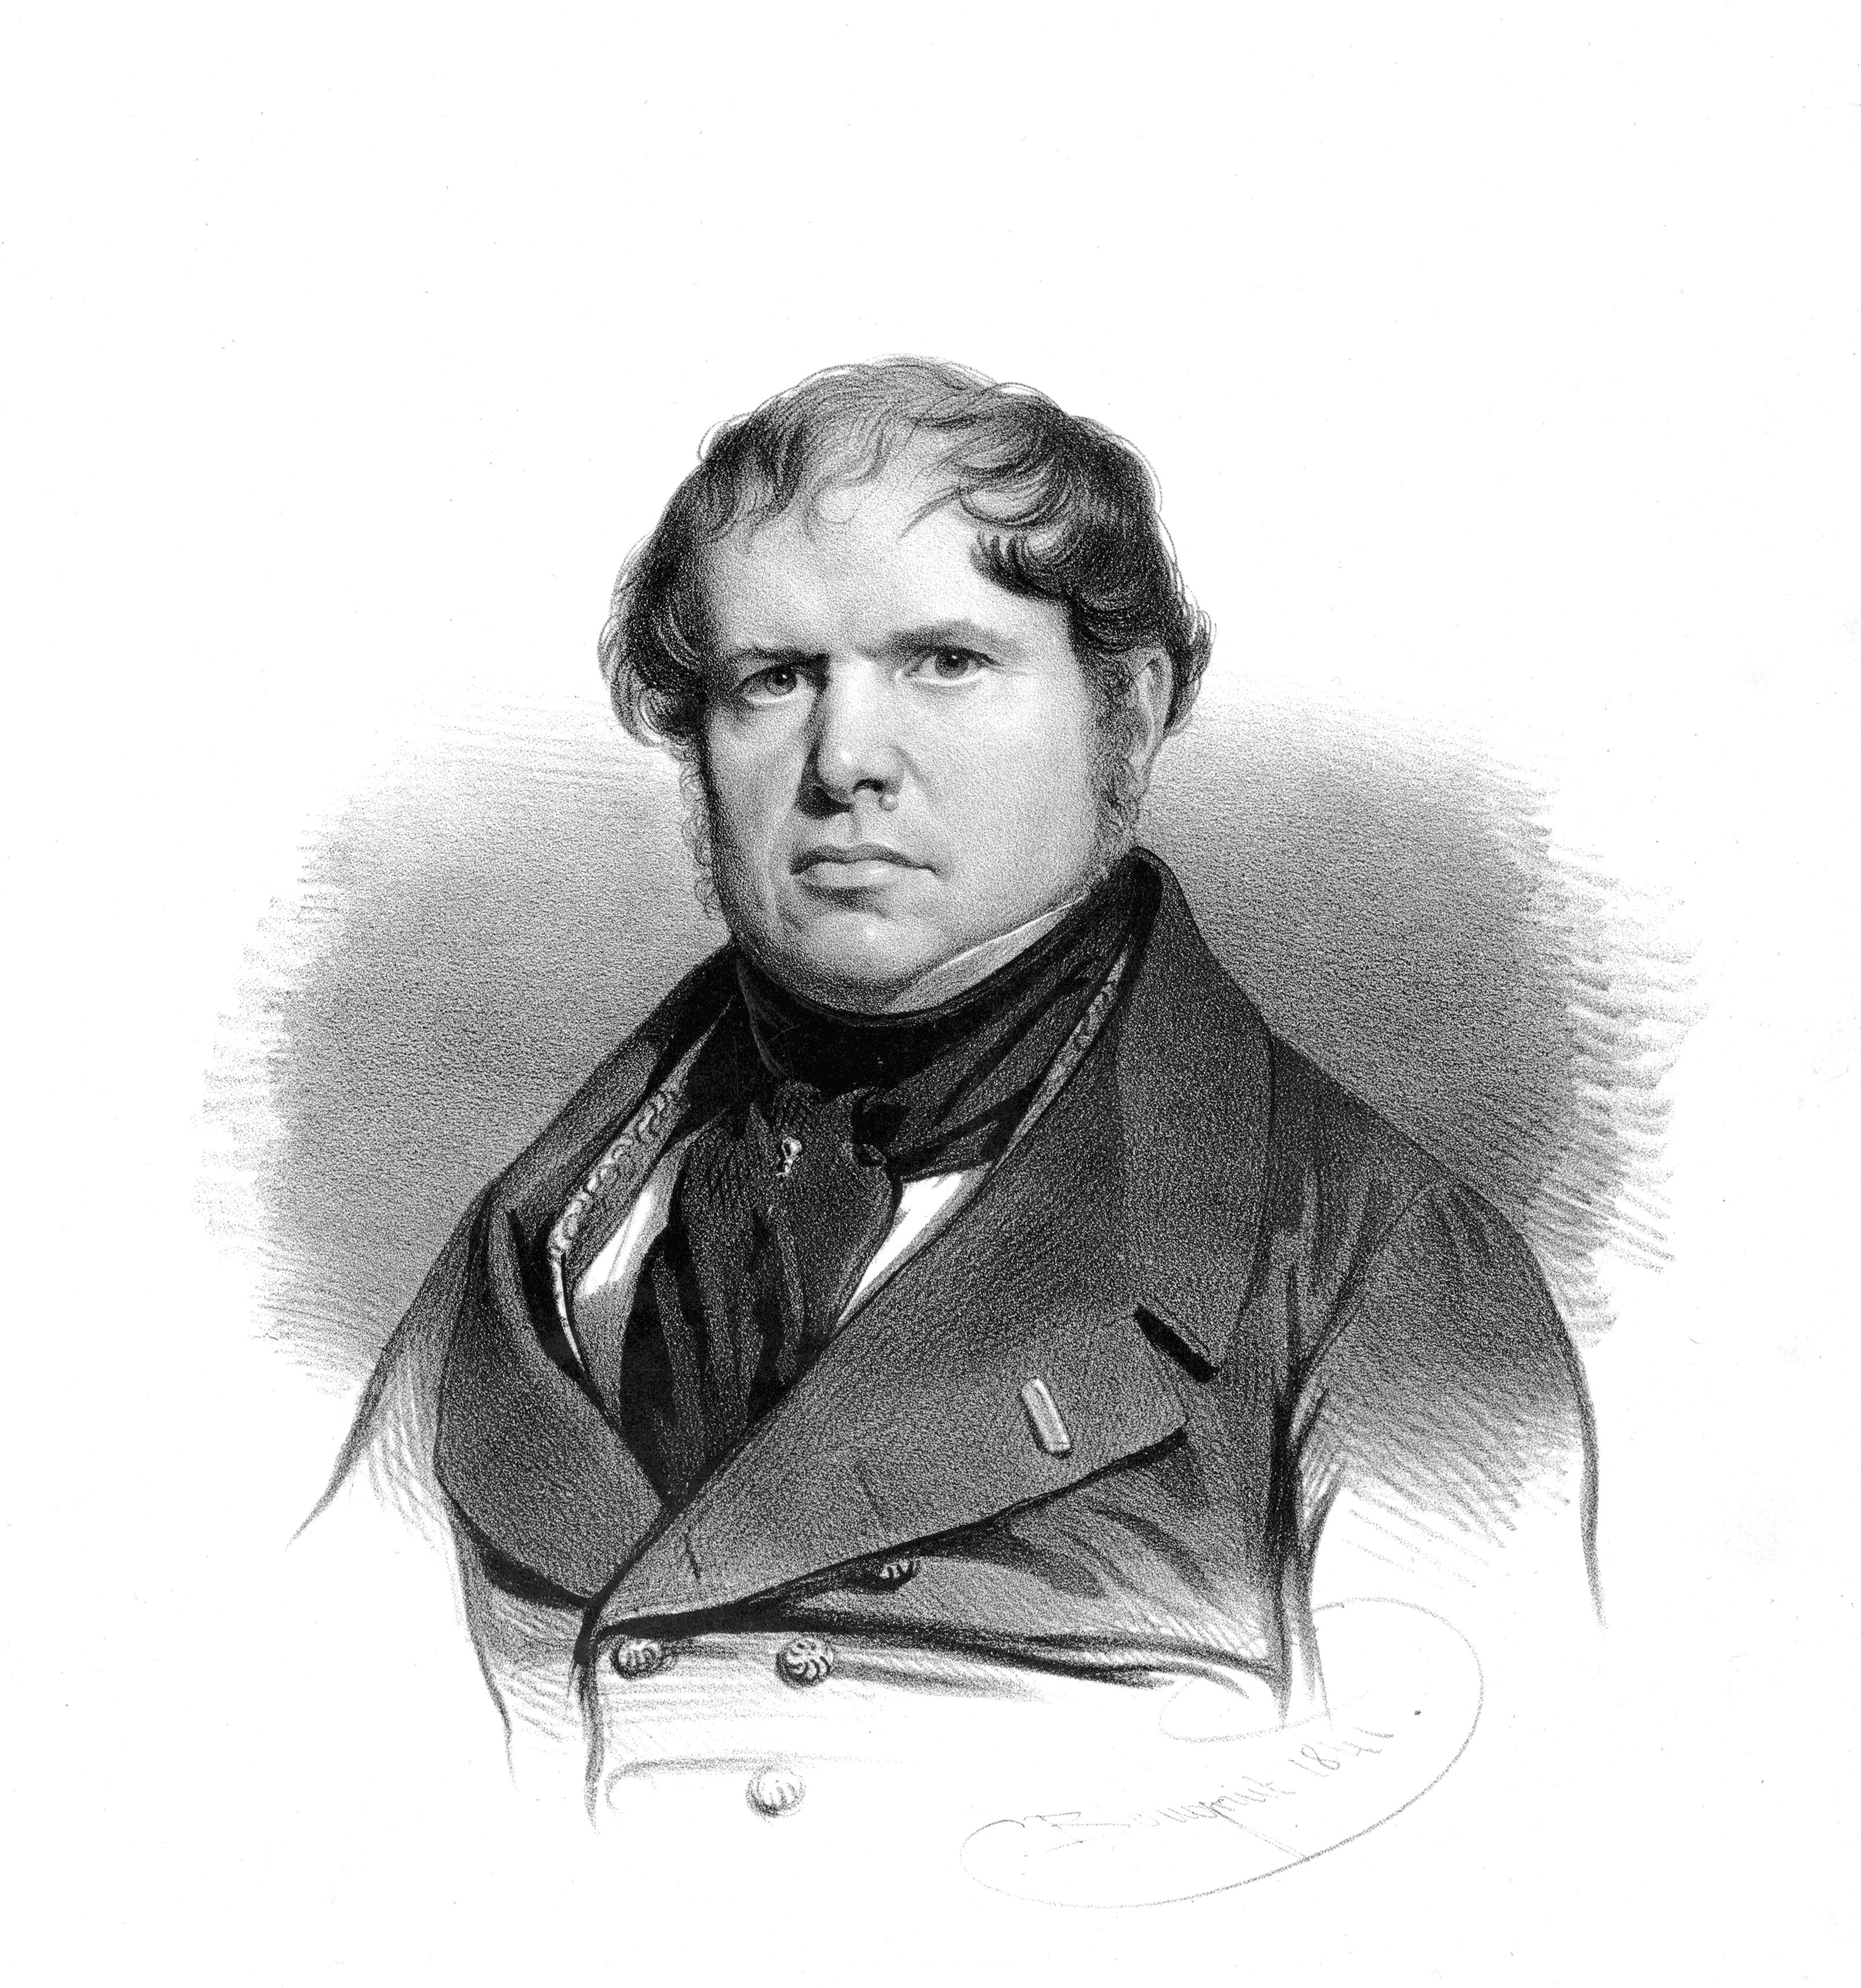 http://upload.wikimedia.org/wikipedia/commons/2/20/Francois_joseph_fetis.jpg